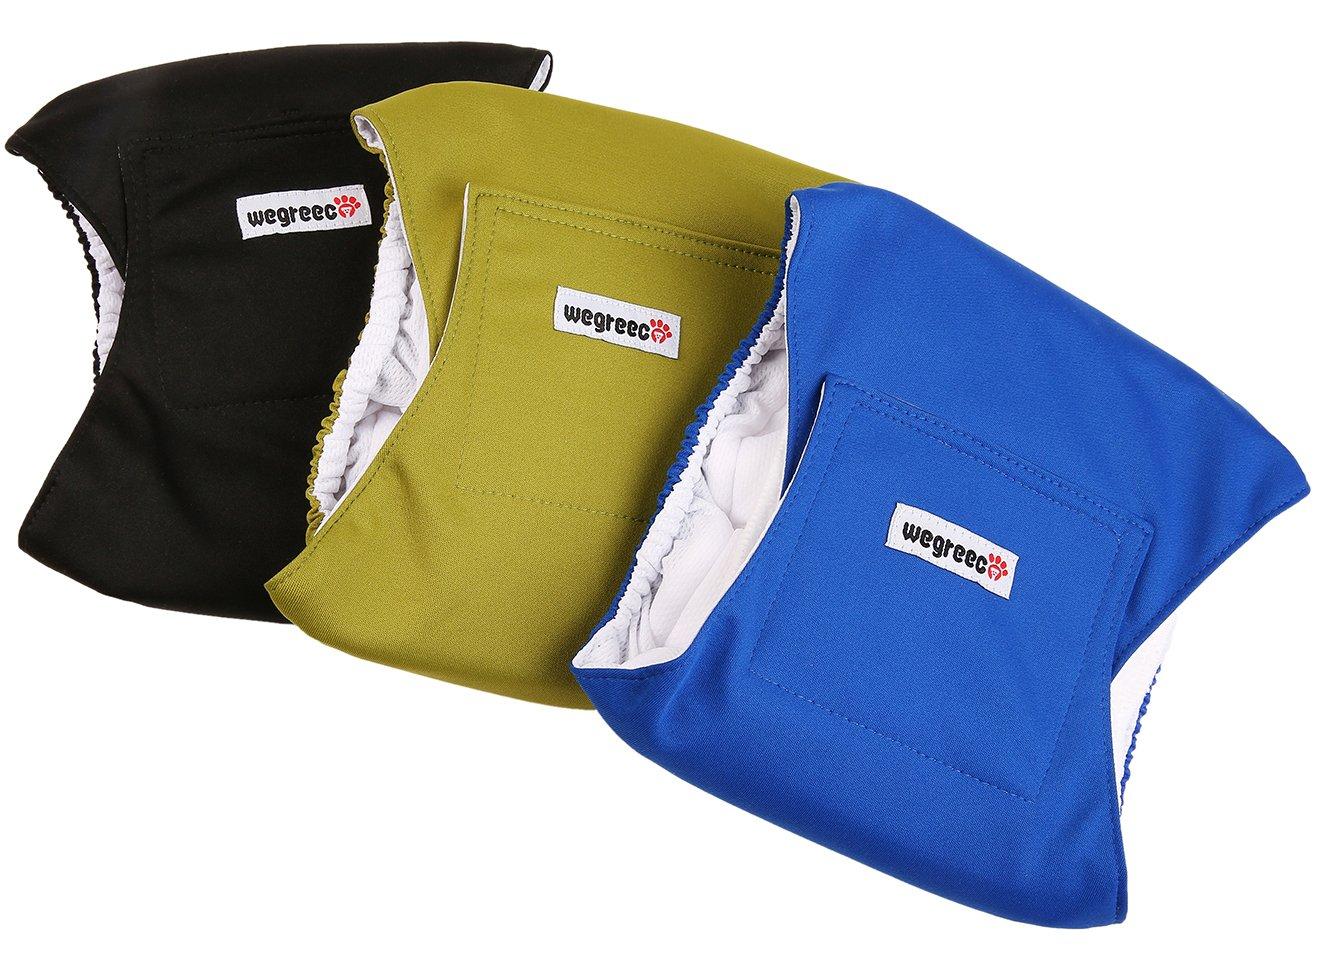 wegreeco Washable Male Dog Belly Wrap - Pack of 3 - (Black,Blue,Olive,XX-Large) by wegreeco